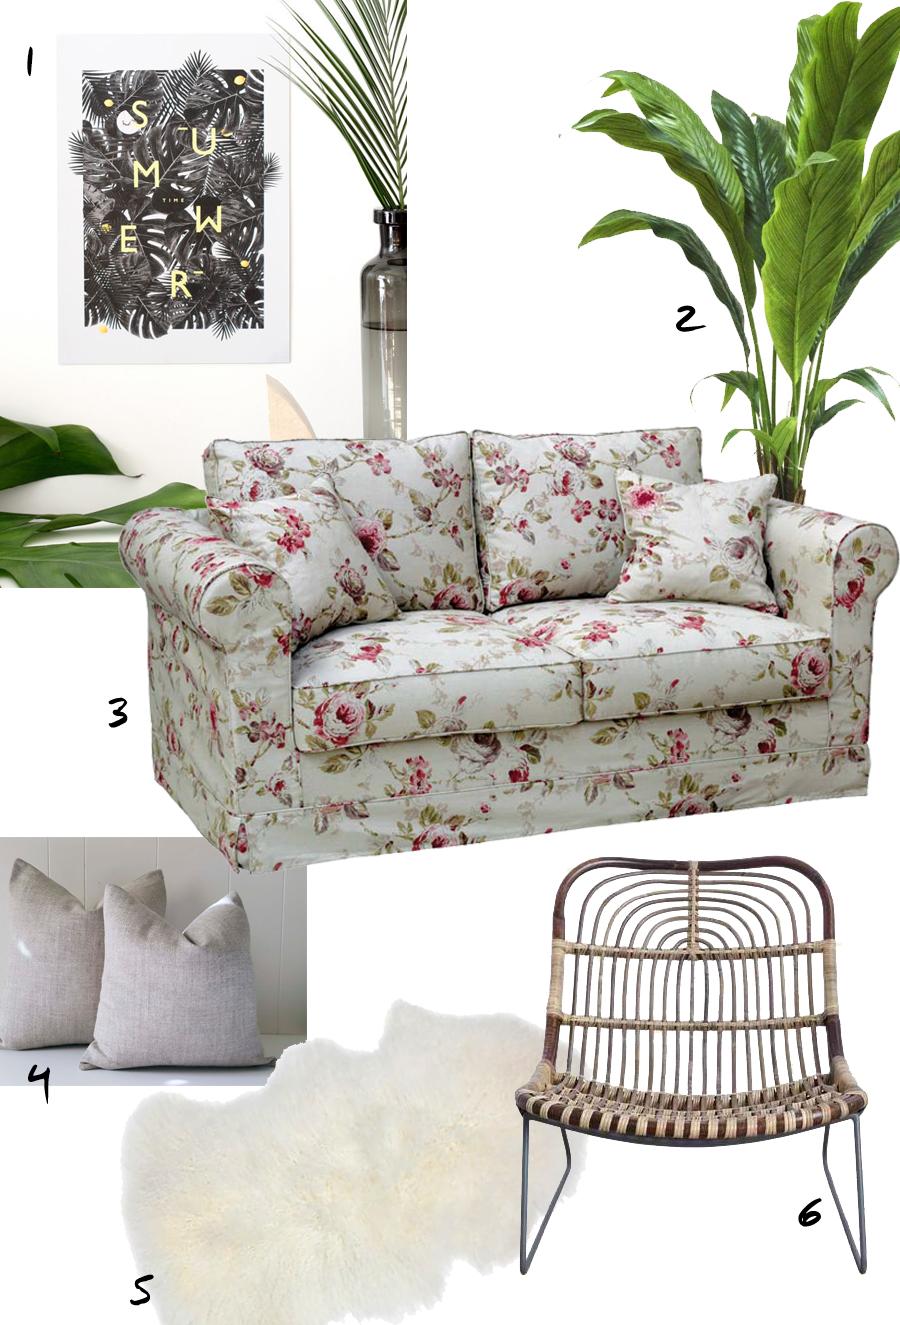 Mood board autour d'un canapé à fleurs Crowson de la boutique Interior's